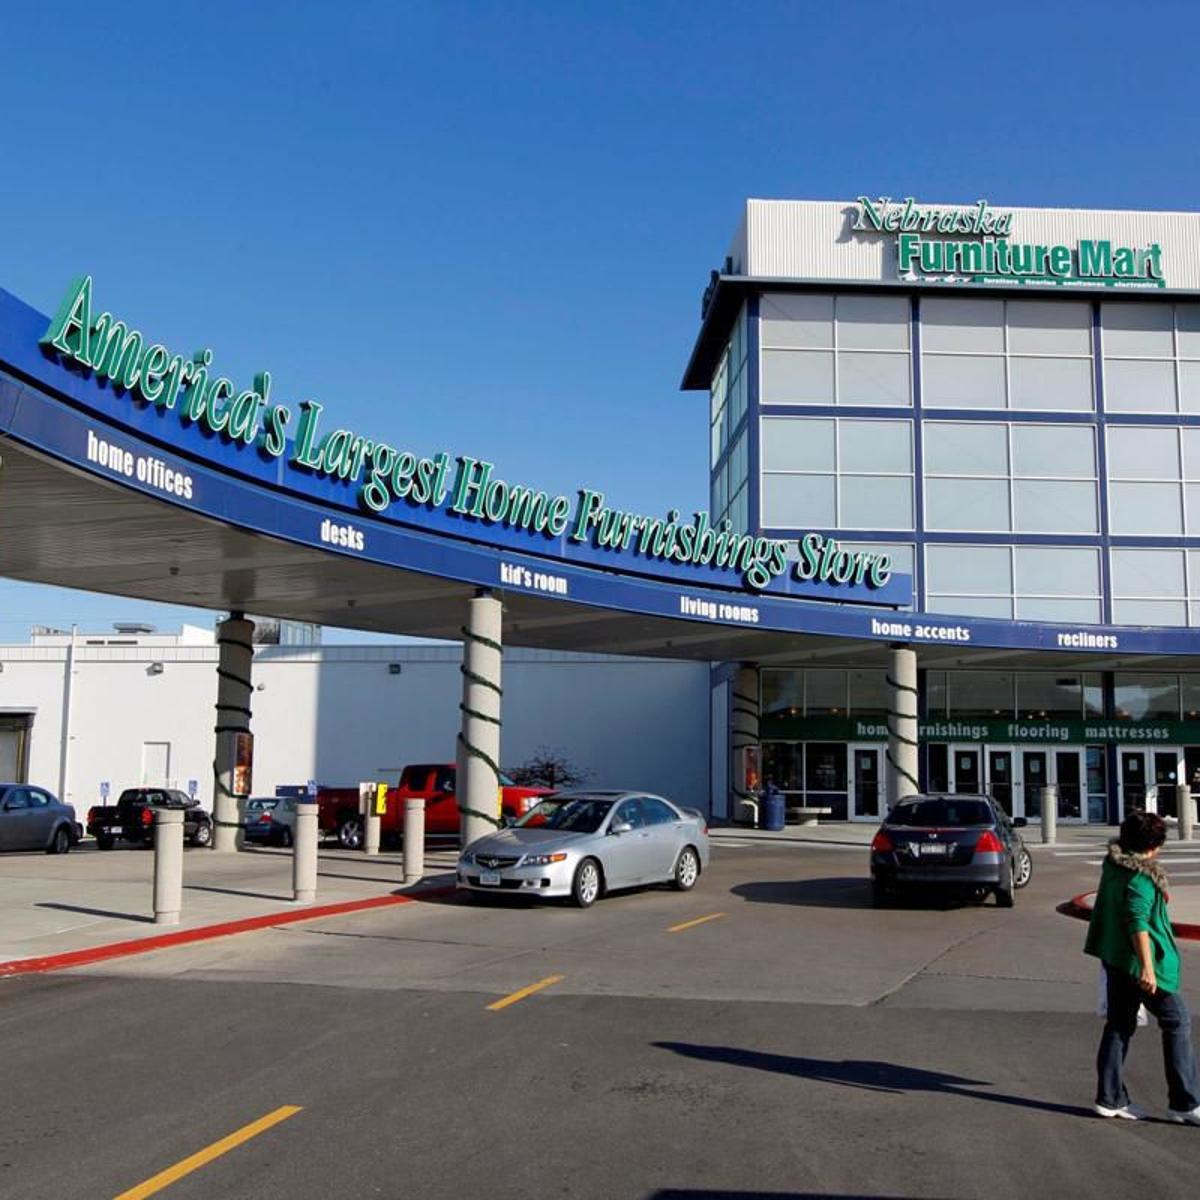 Nebraska Furniture Mart or 'NFM' Omaha based store rolls out new ...